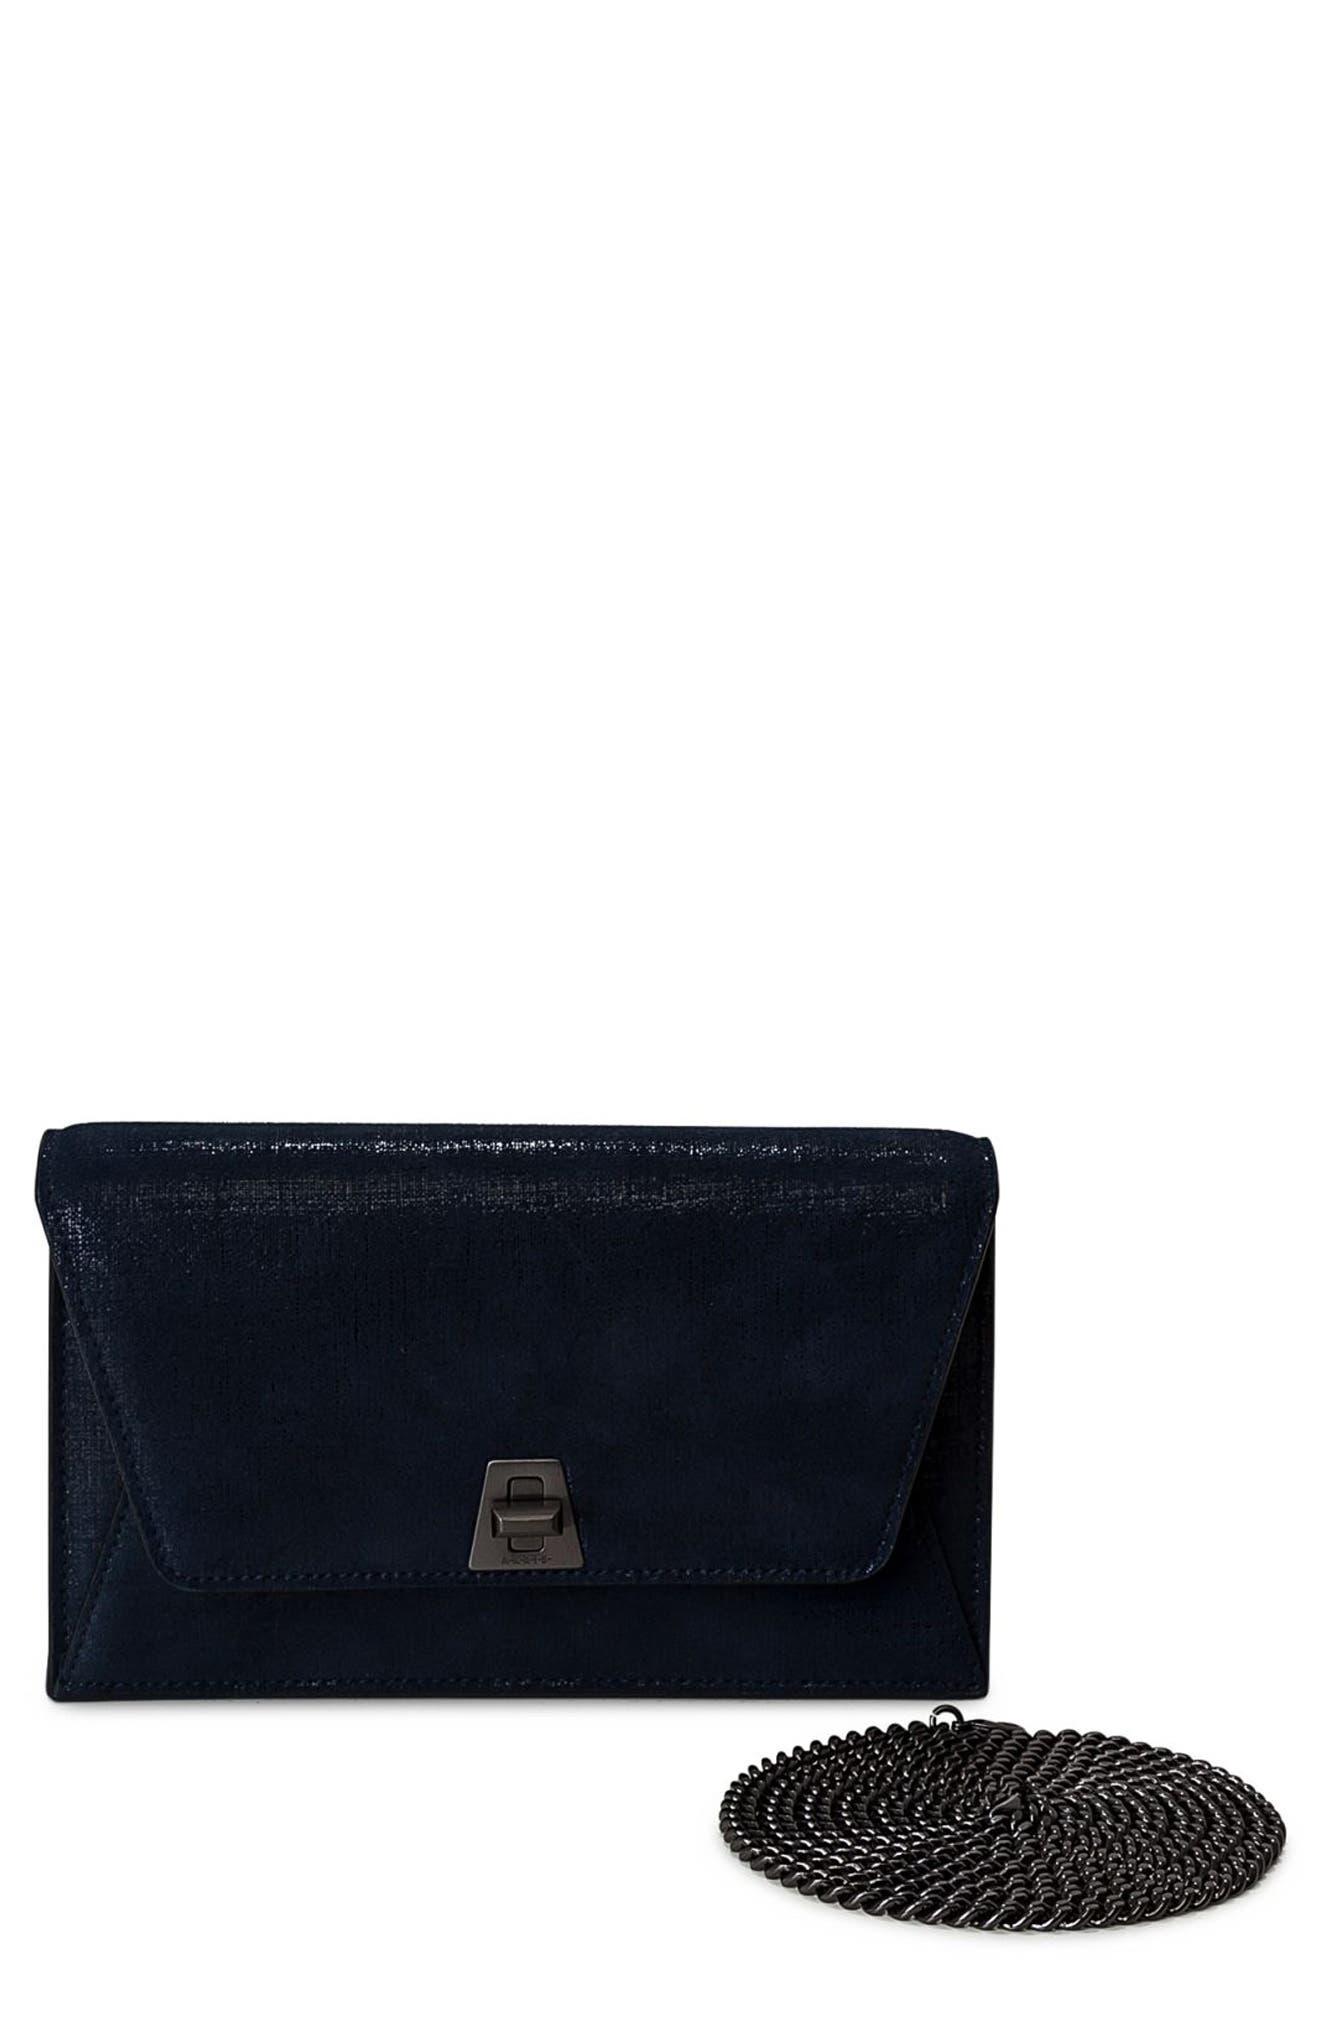 Anouk Leather Shoulder Bag,                             Main thumbnail 1, color,